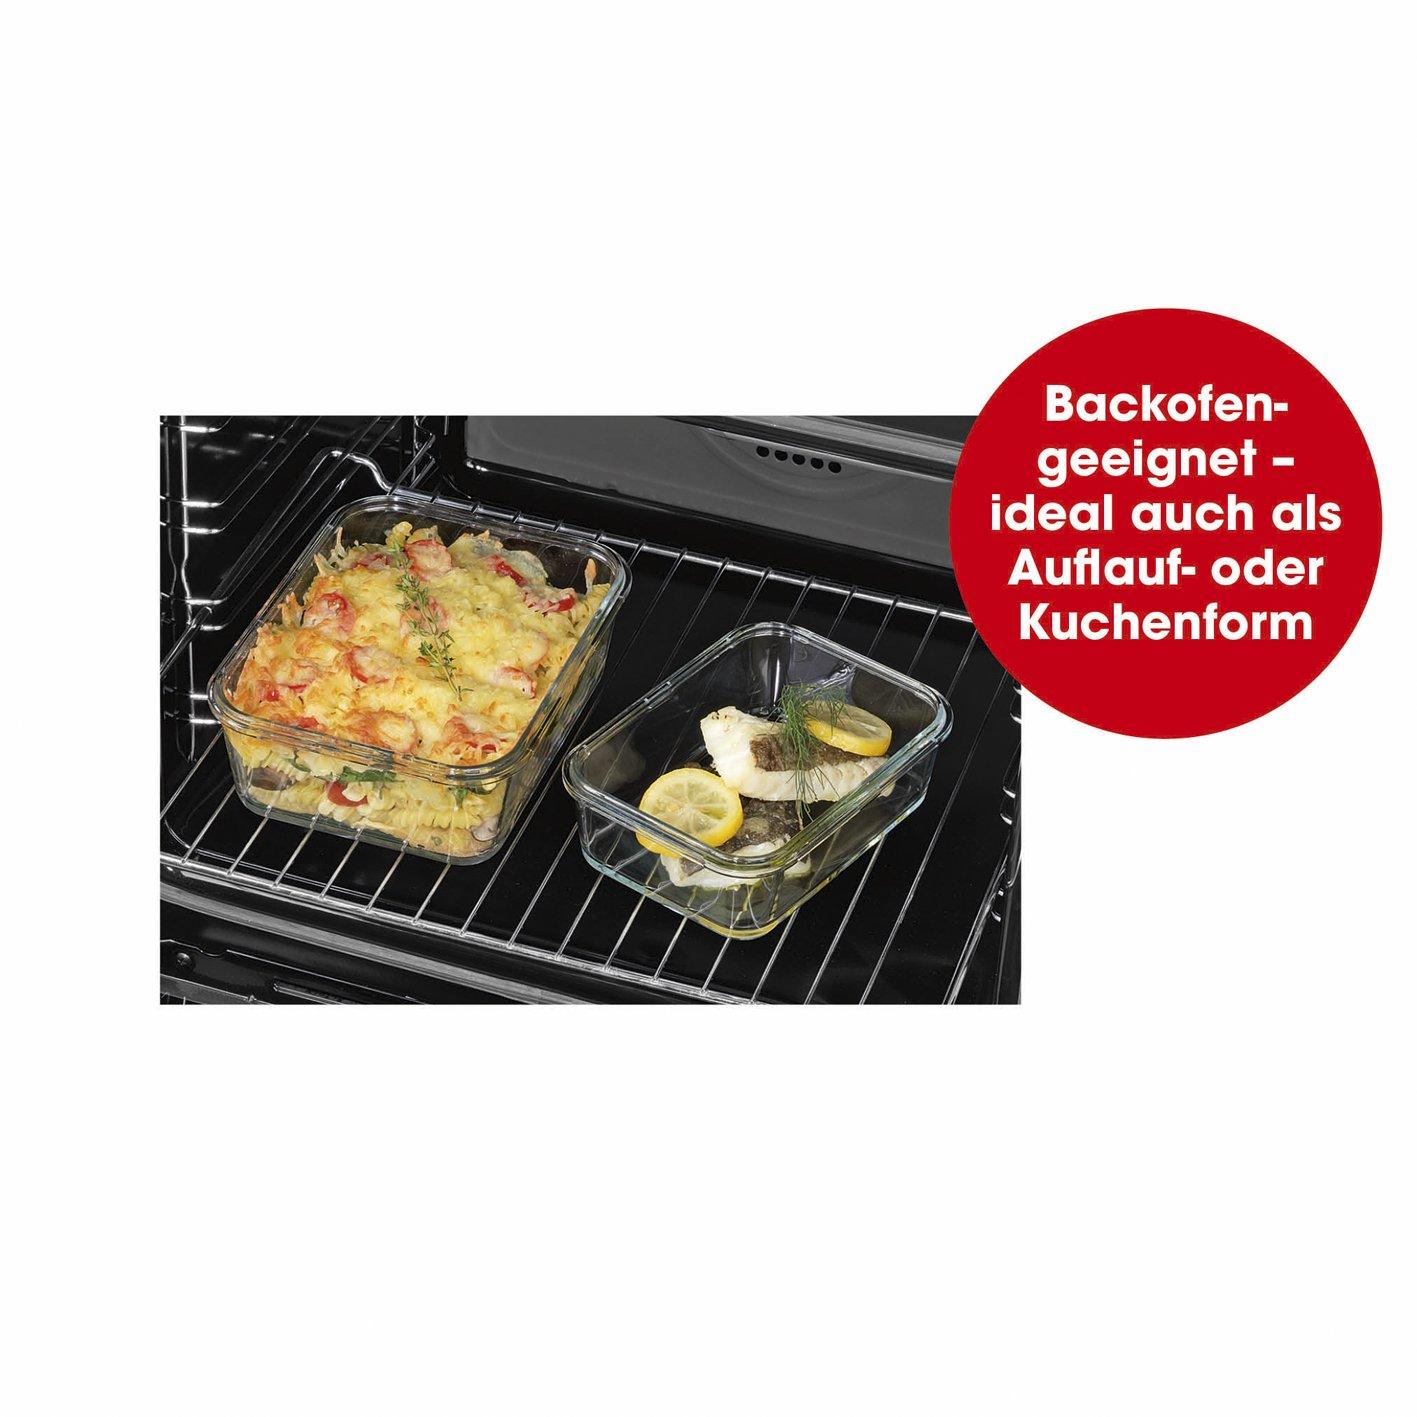 Adatto per forno a microonde Gourmet Maxx Contenitori di vetro di clic IT 4 Dosen /& 4 Deckel congelatore e lavastoviglie Trennwand Trasparente aria Poeta Aroma protezione